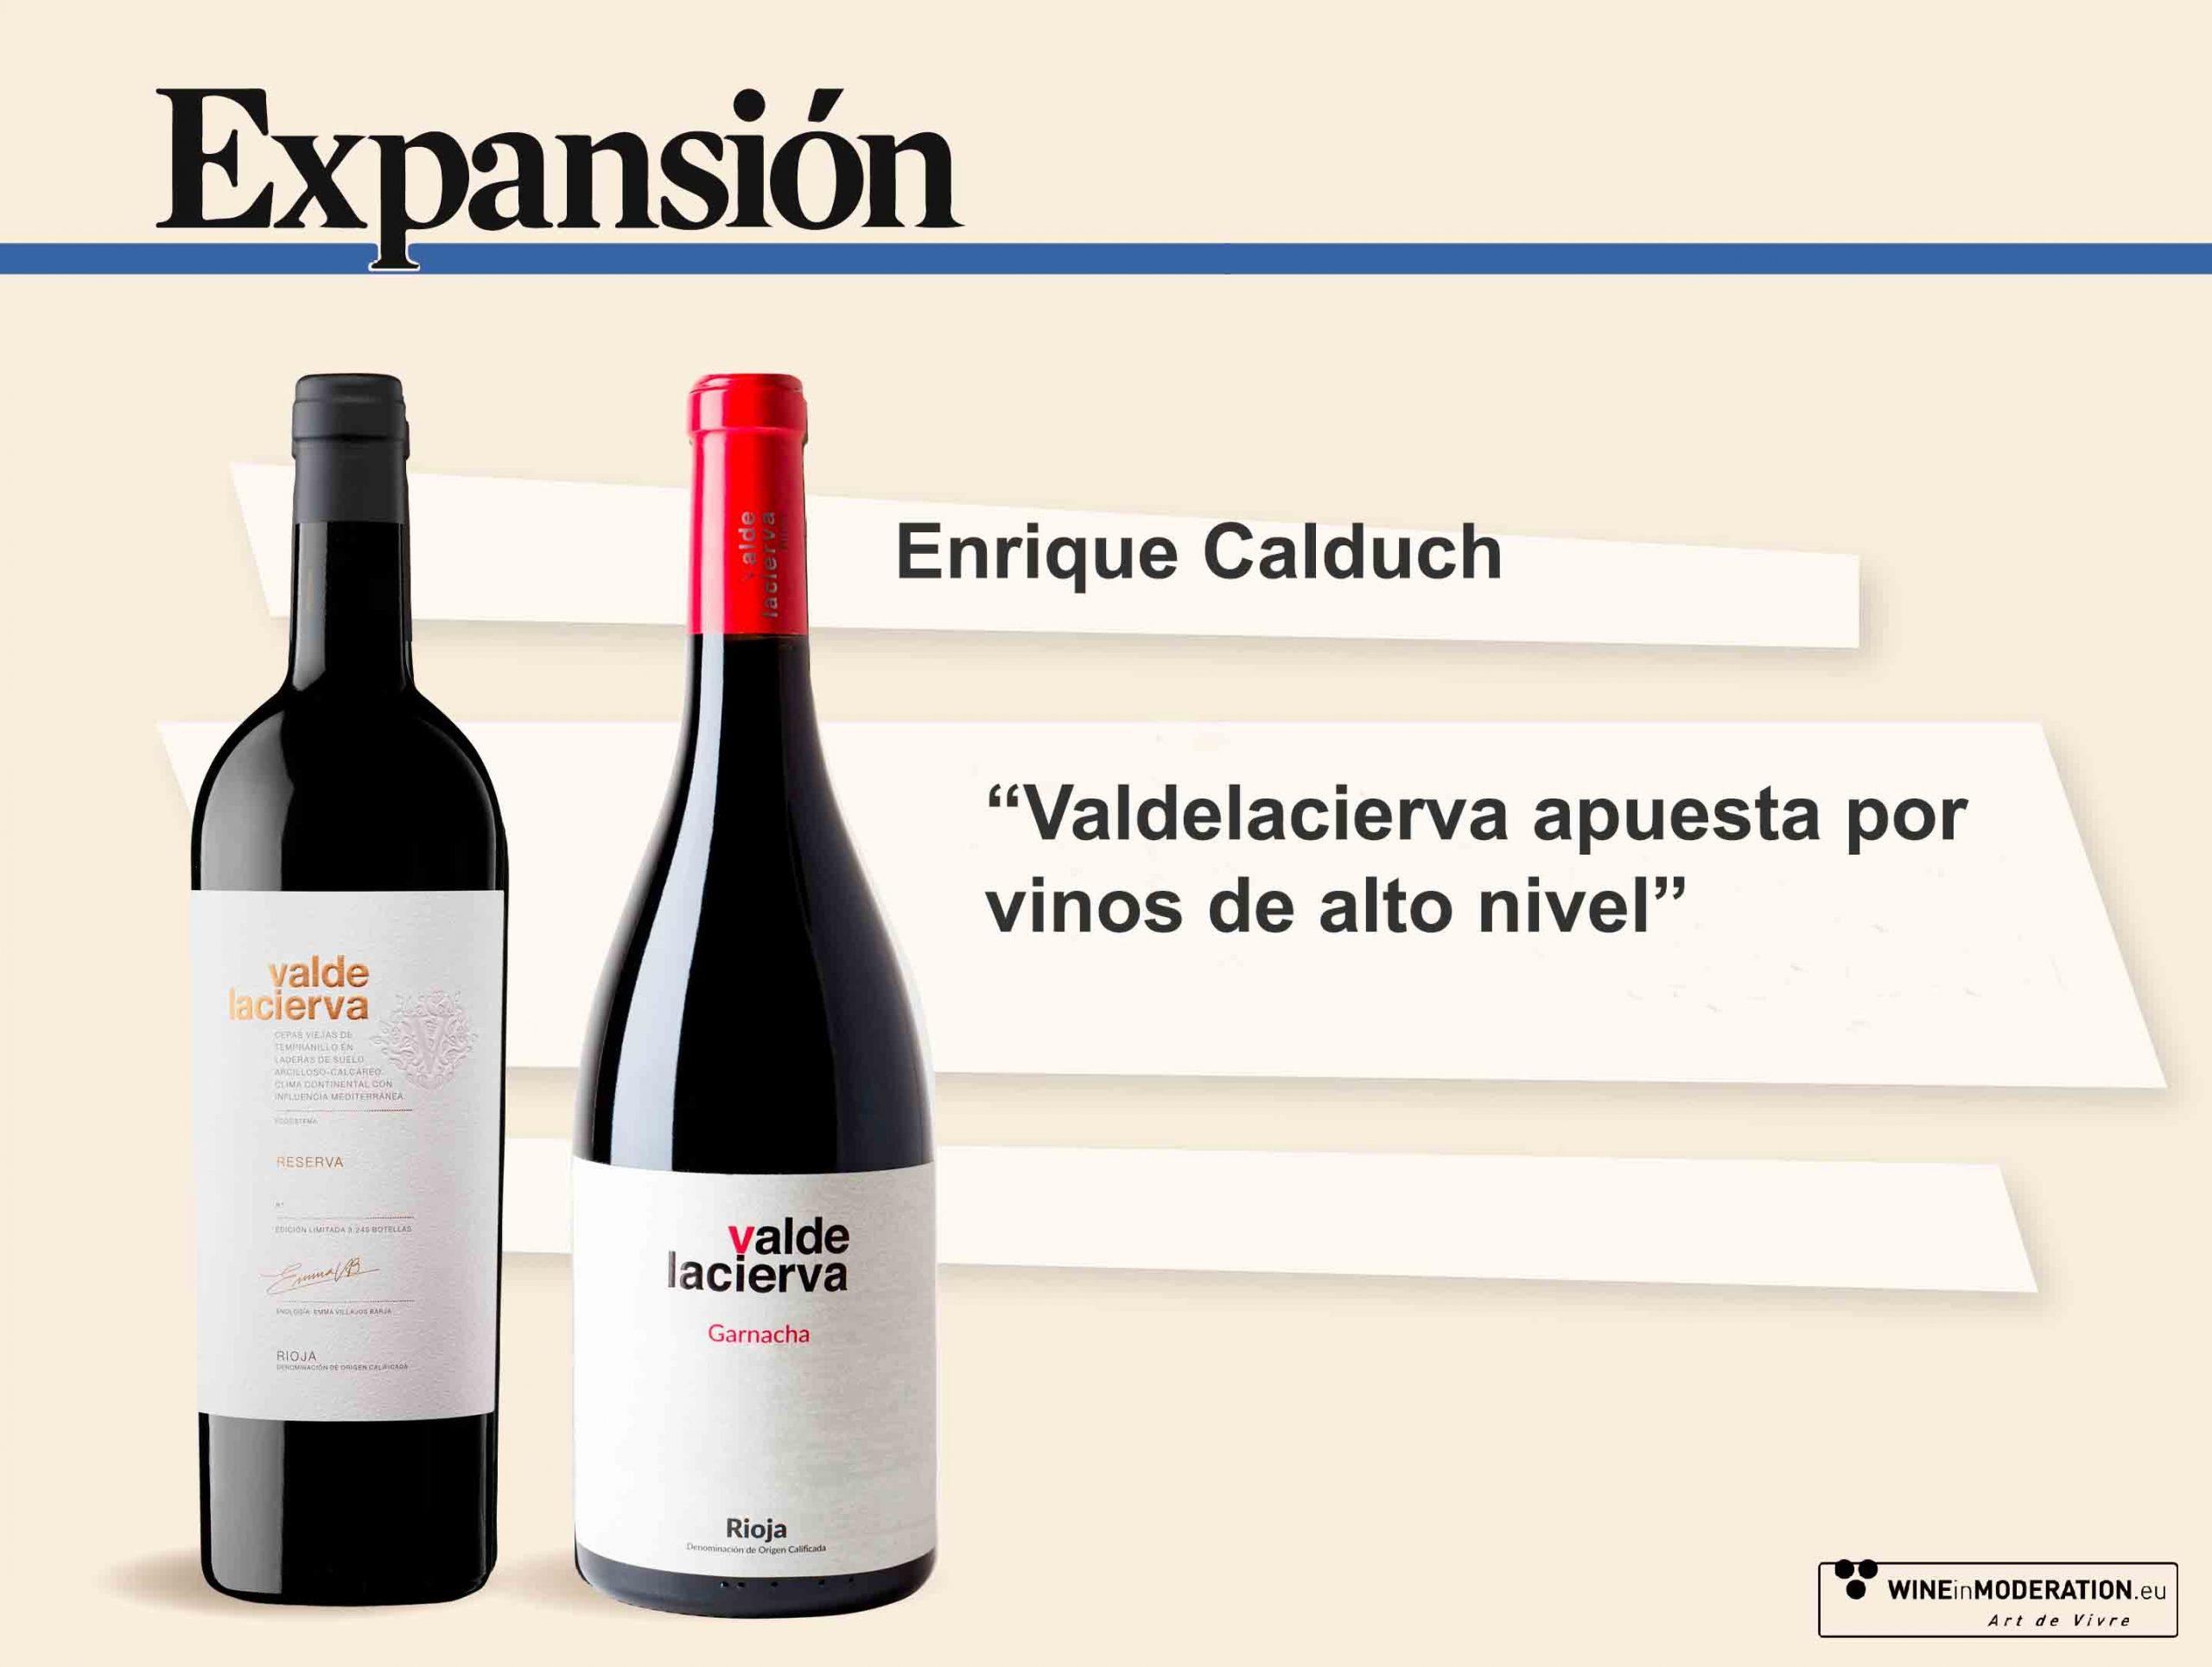 Valdelacierva en el diario Expansión